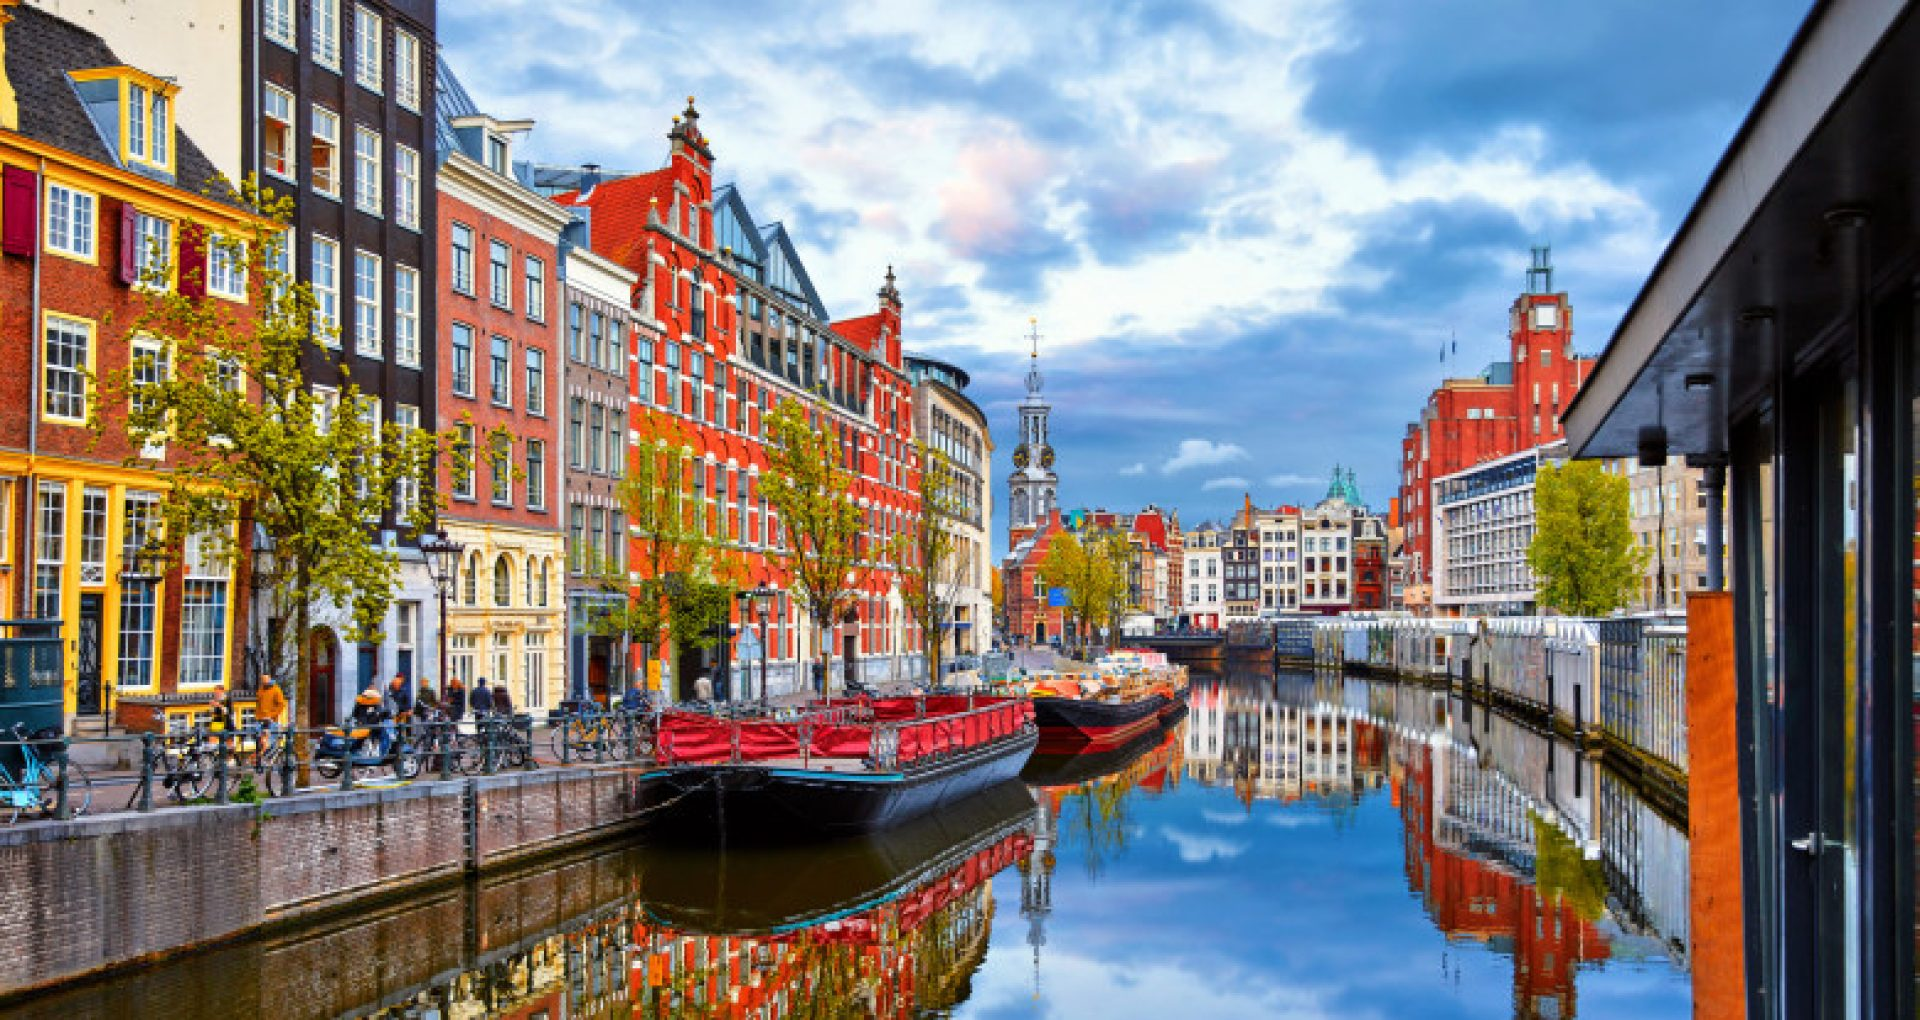 Olanda prelungește restricțiile pentru încă trei săptămâni, inclusiv închiderea școlilor